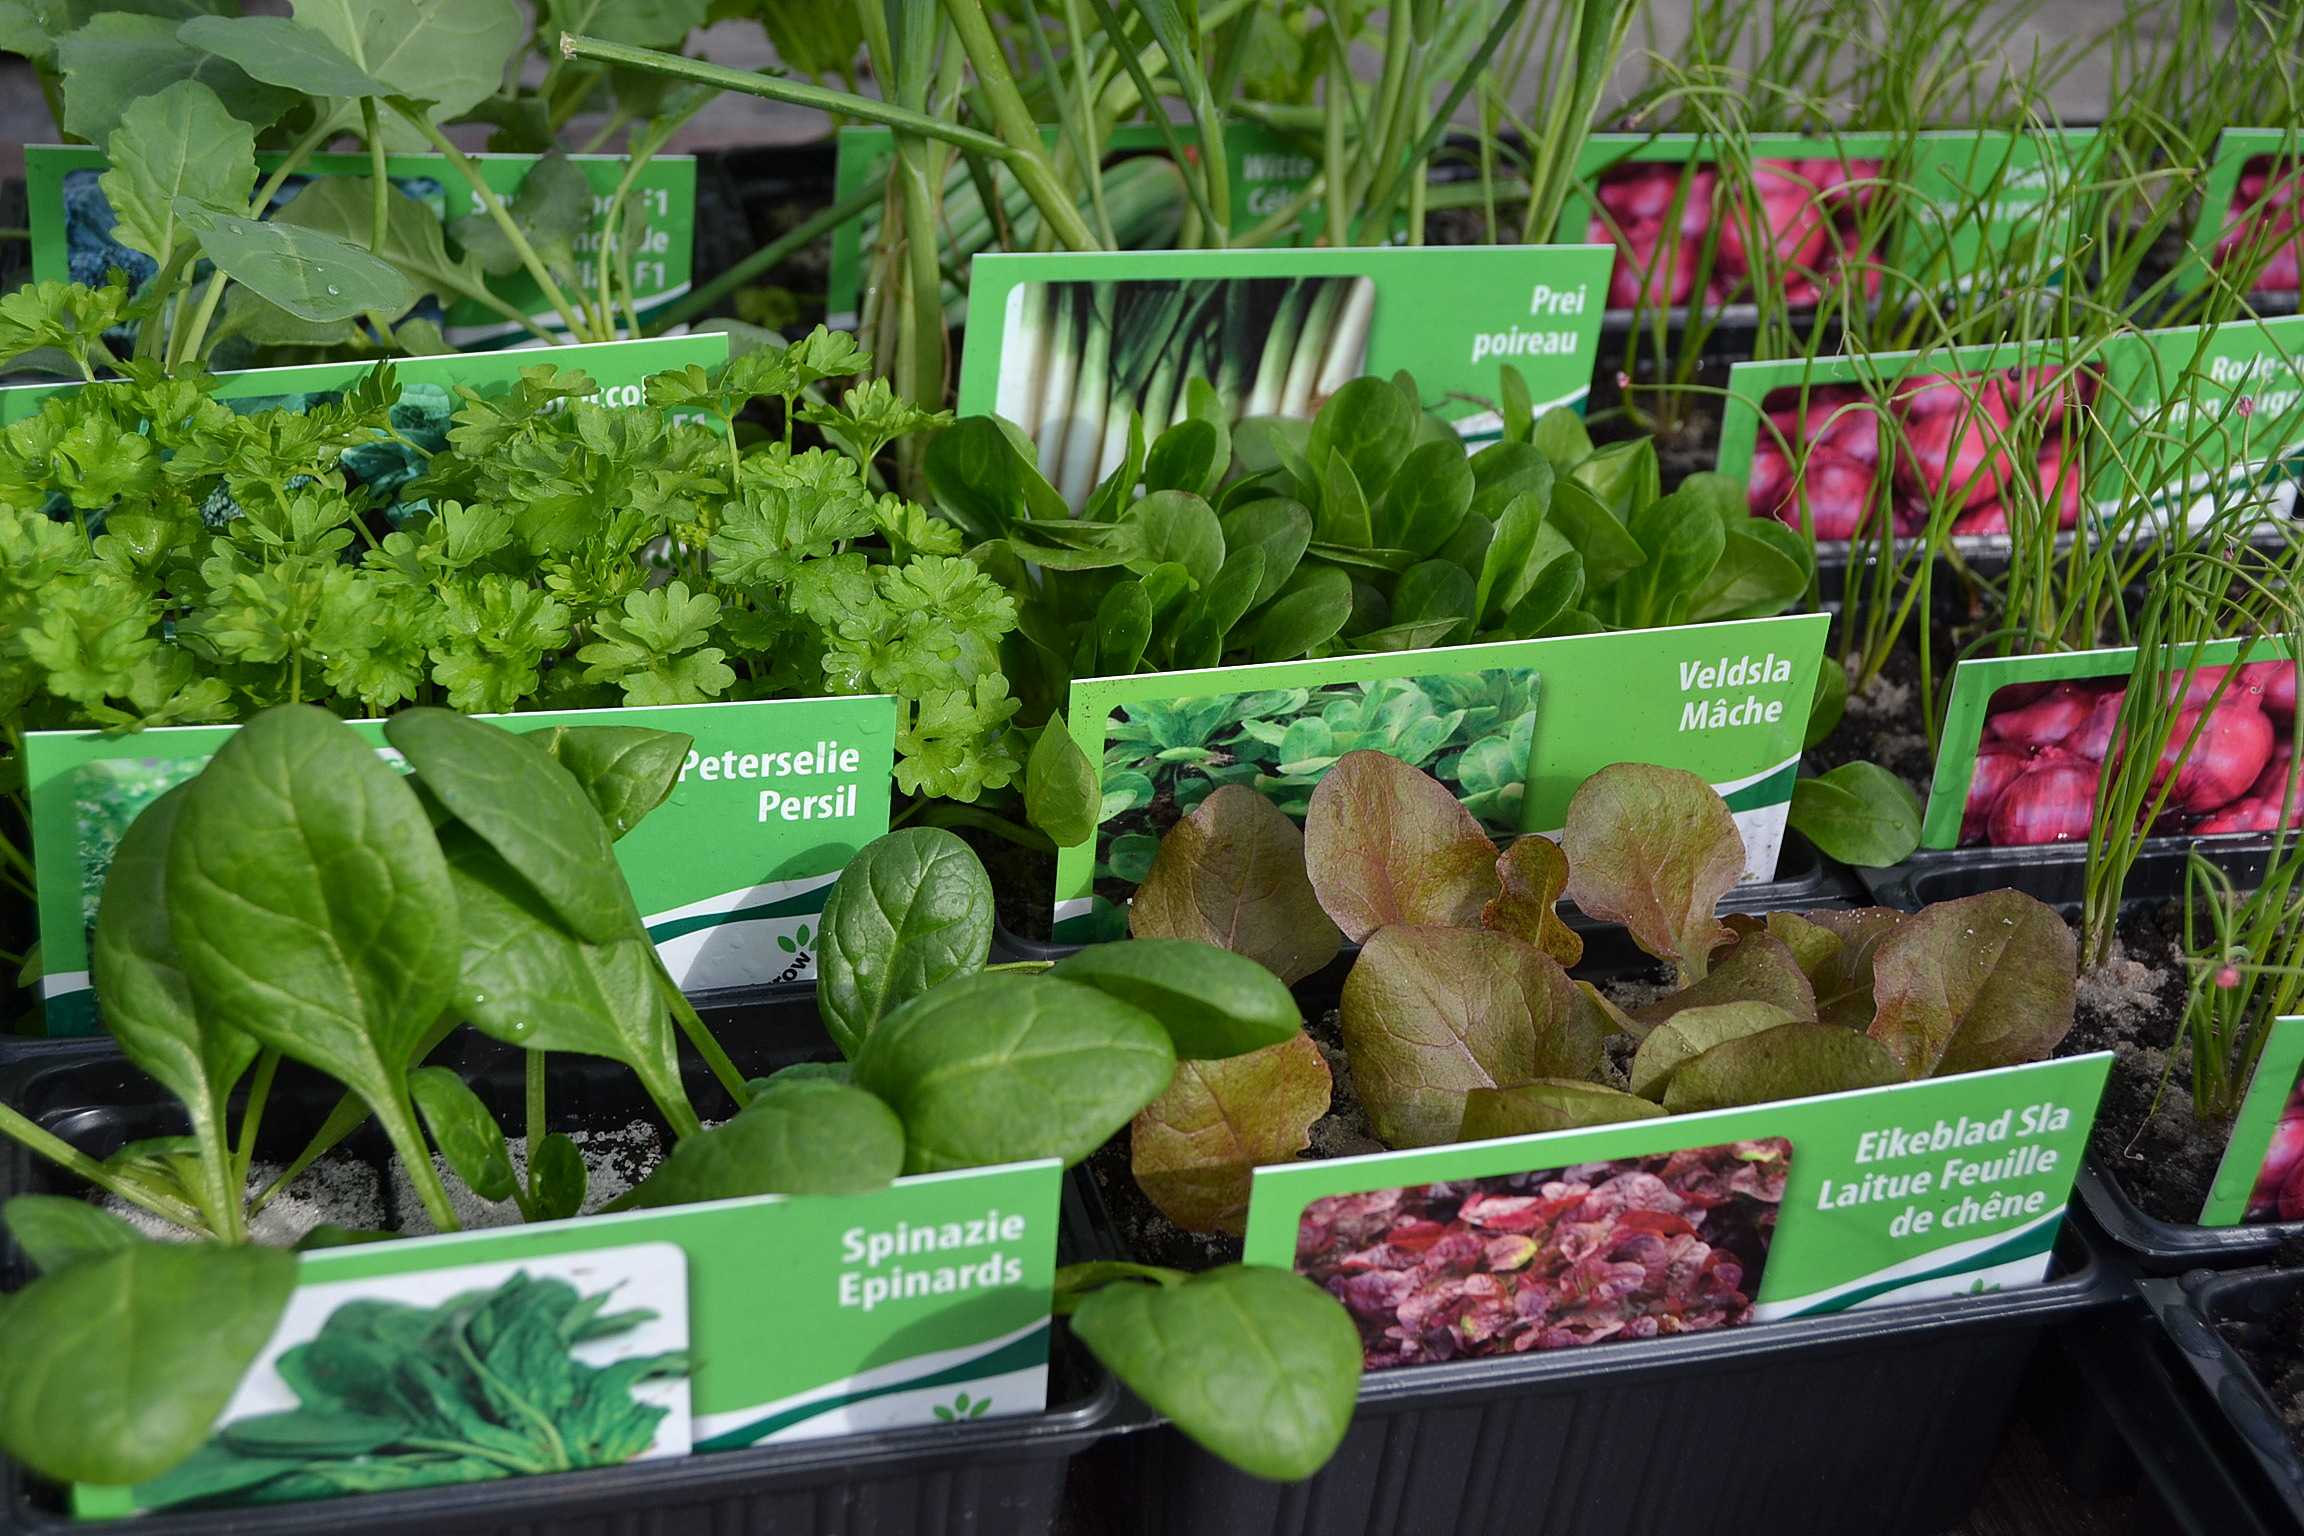 groenten met perskluitjes.